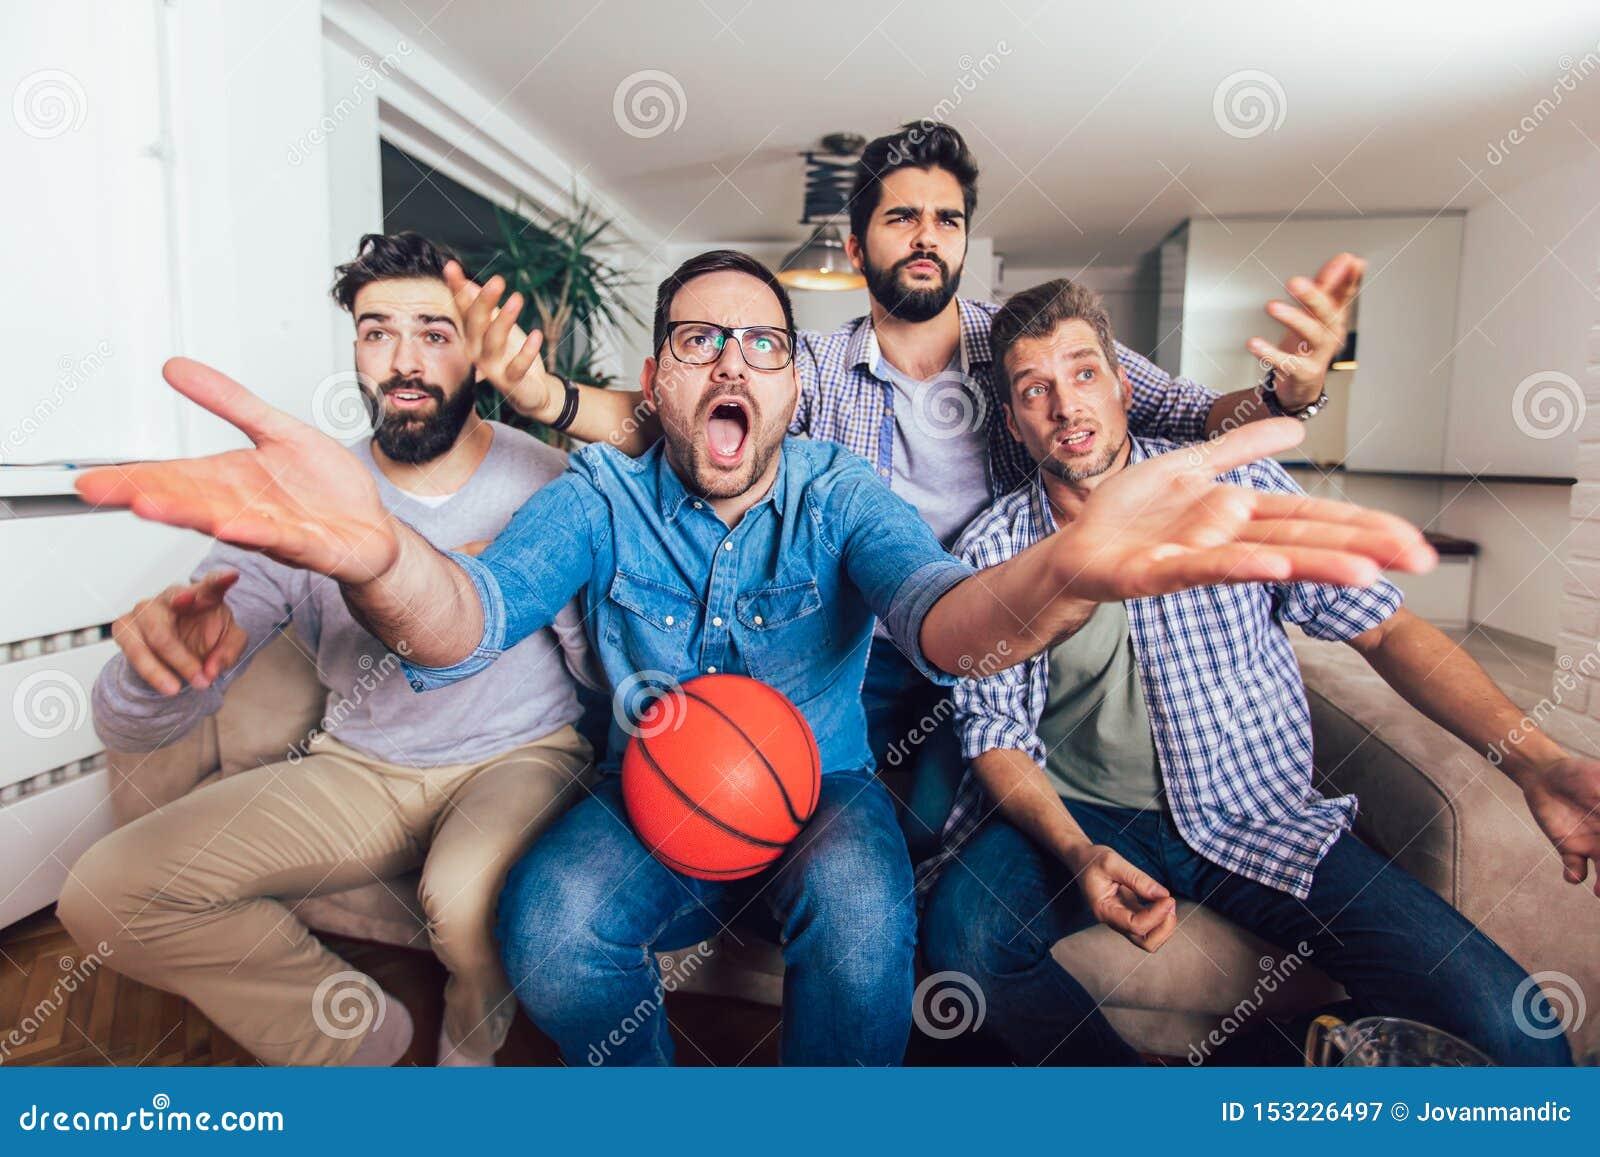 Freunde oder Basketballfans, die Basketballspiel im Fernsehen aufpassen und zu Hause Sieg feiern Freundschaft, Sport und